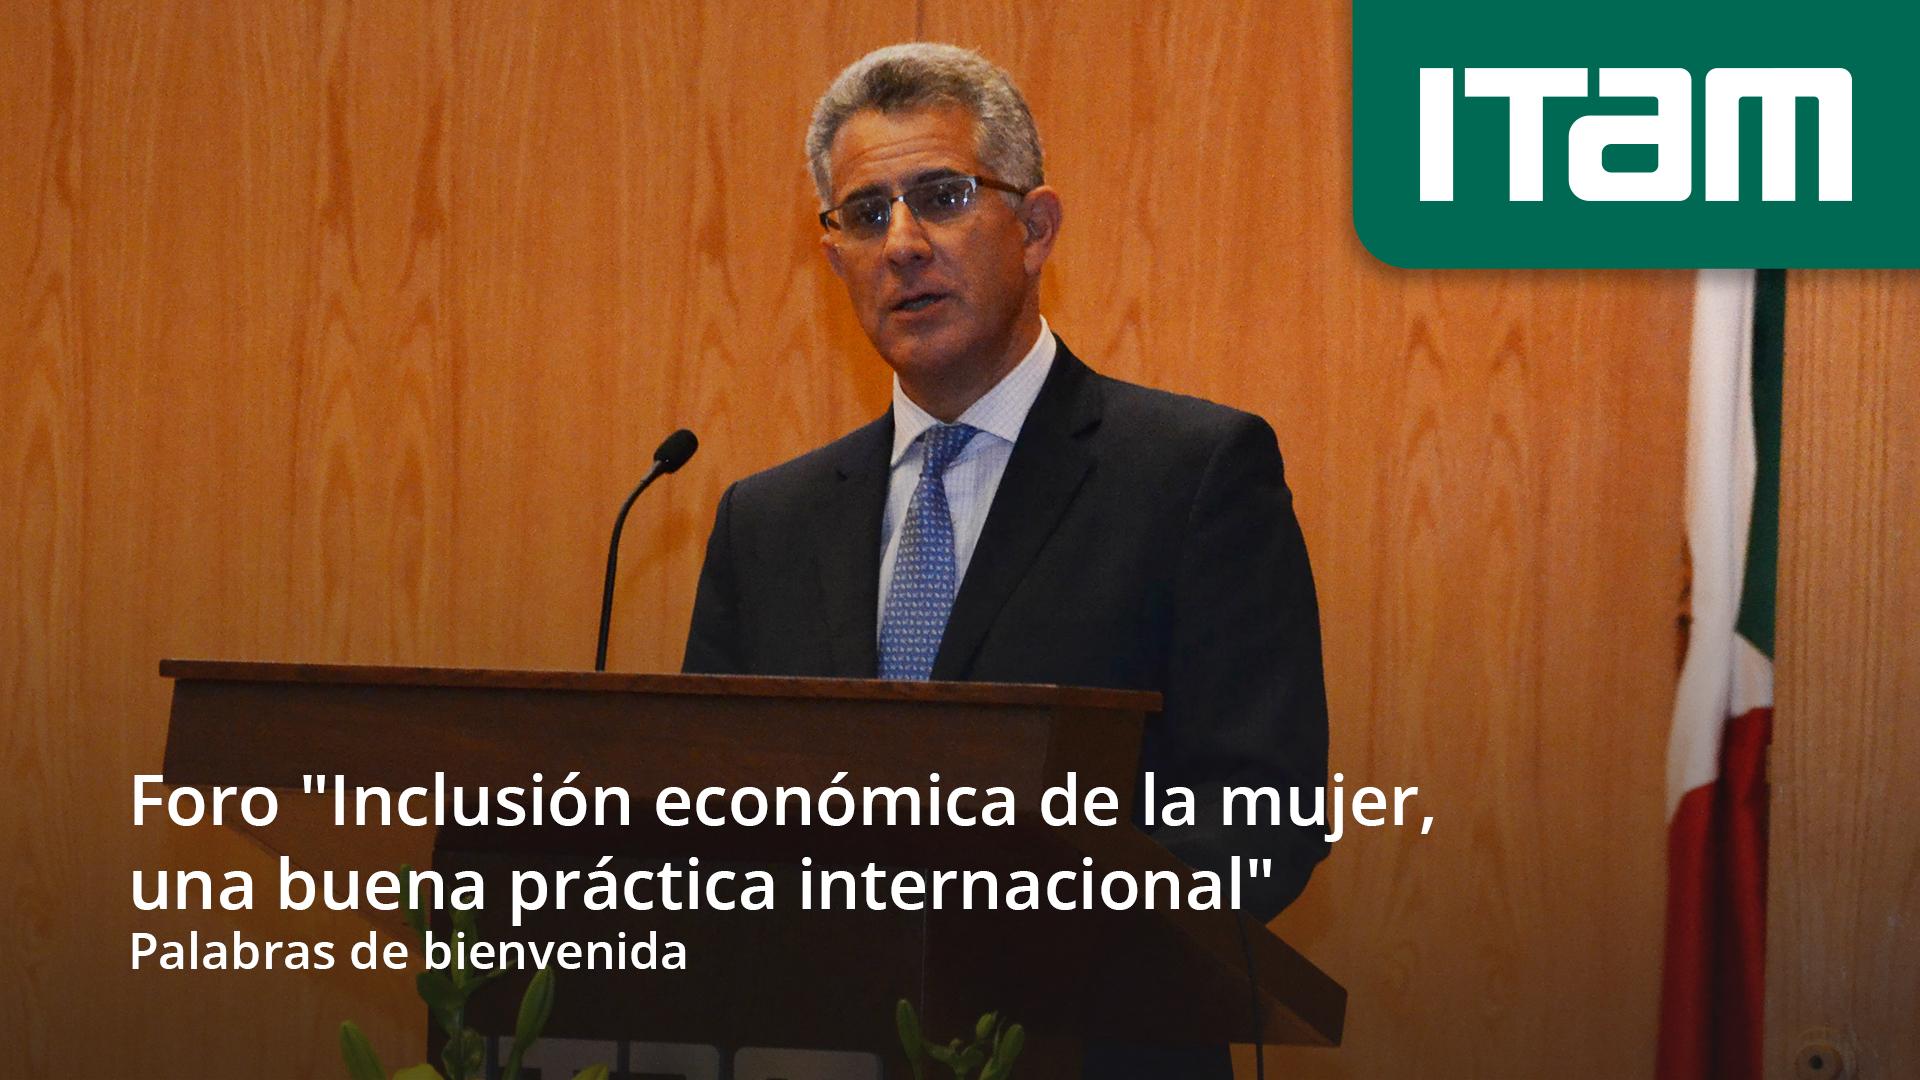 Foro Inclusión económica de la mujer, una buena práctica internacional  Palabras de bienvenida